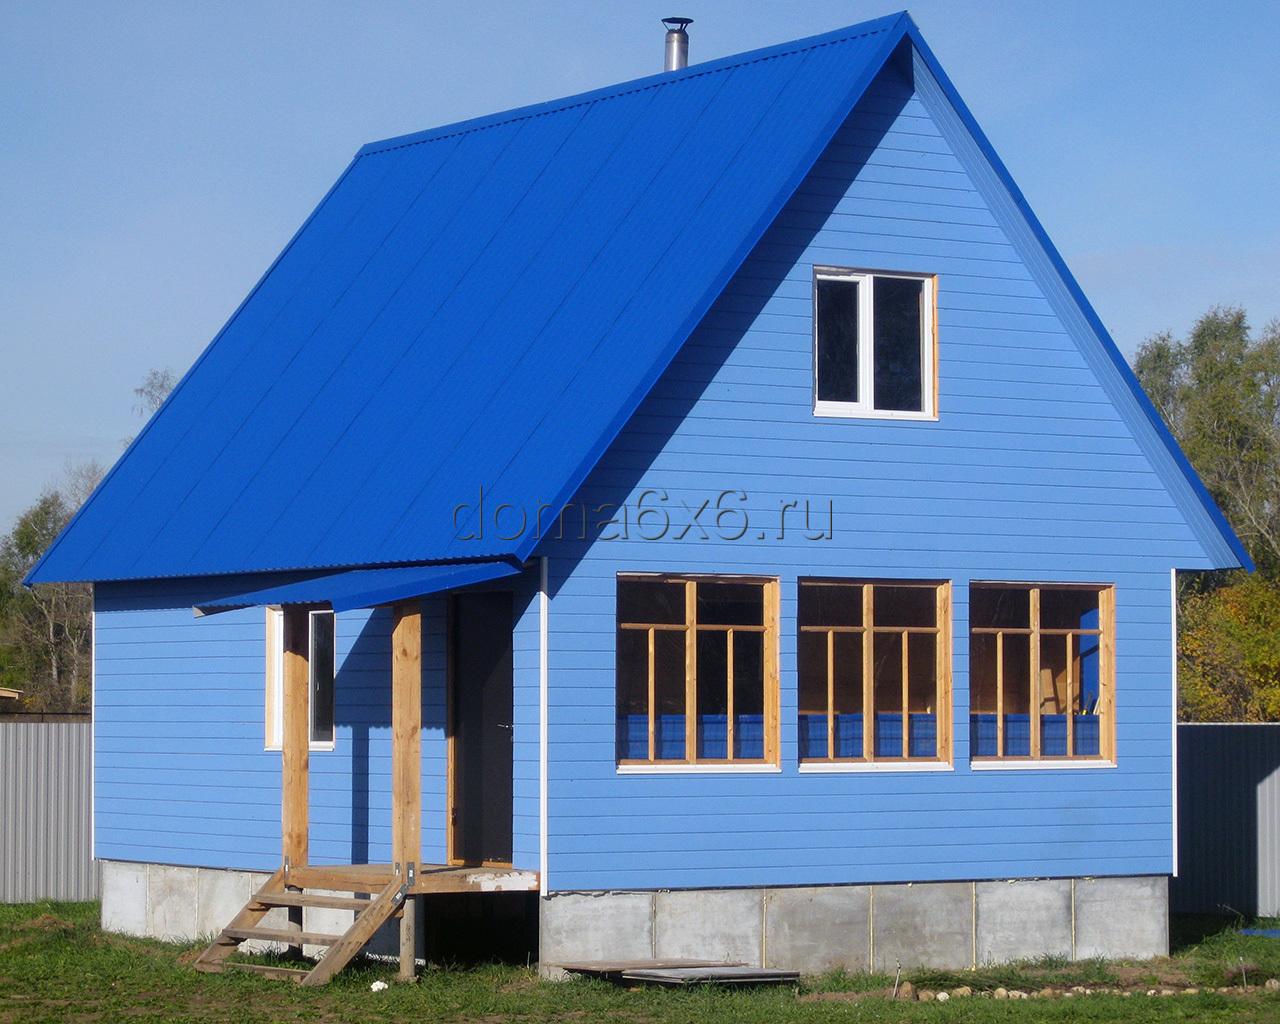 Дом 6 на 5 из бруса